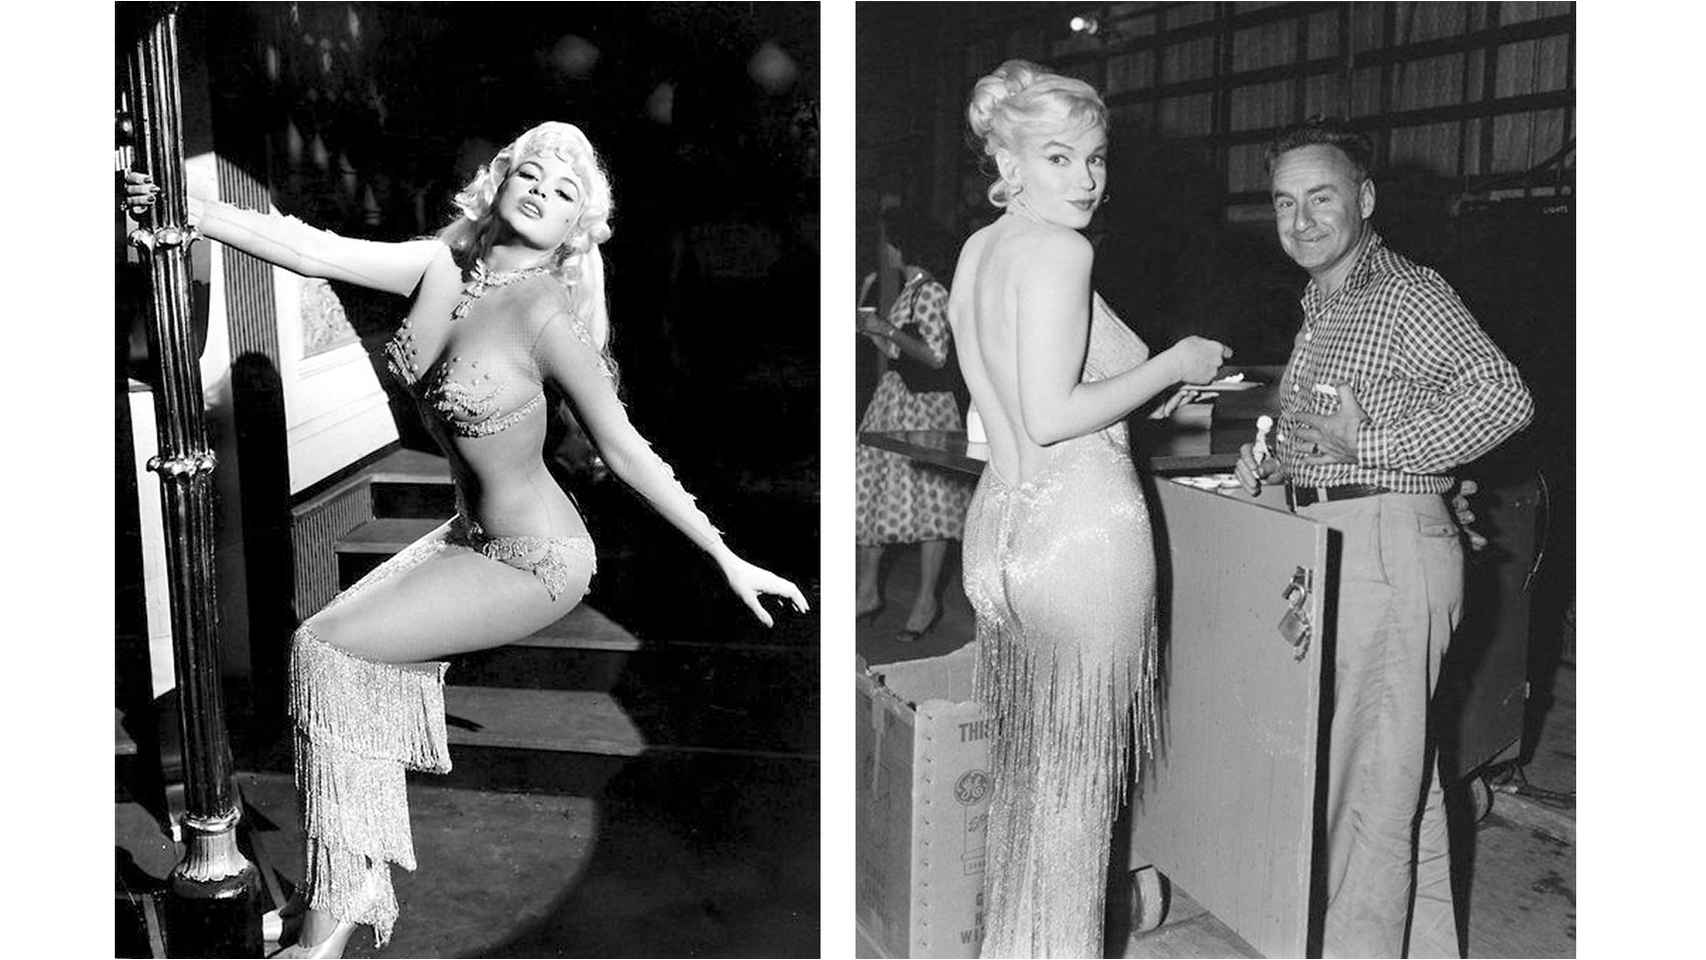 Marilyn y Jayne Mansfield llevando vestidos similares.